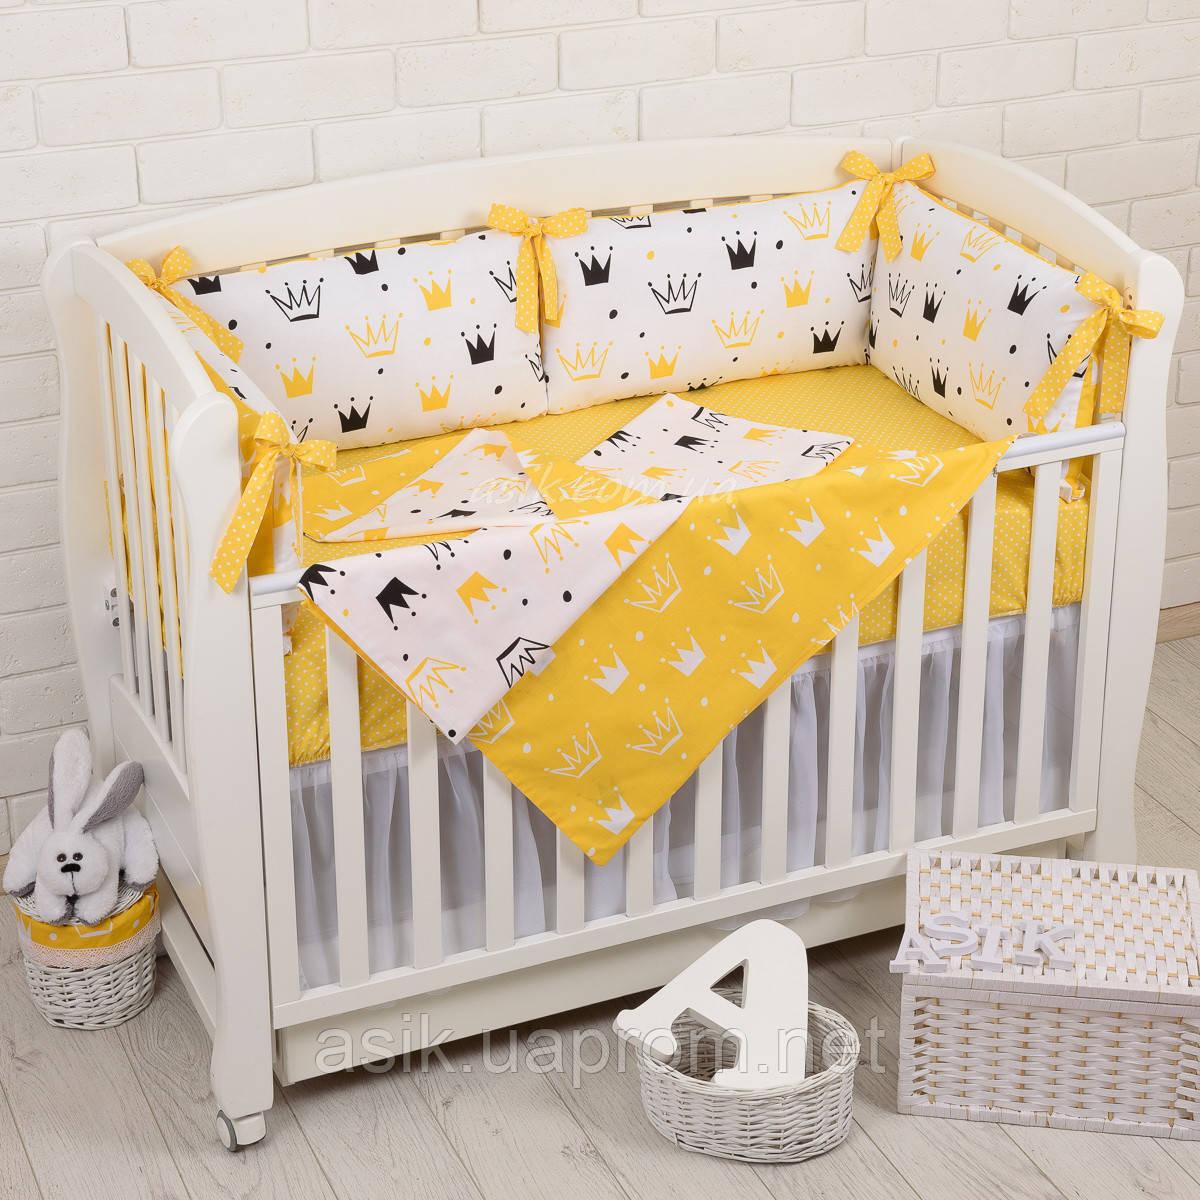 """Детская постель с 6 бортиками-подушками 33*60 см, сменной постелькой, одеялом и подушкой """"Жёлтые короны"""""""